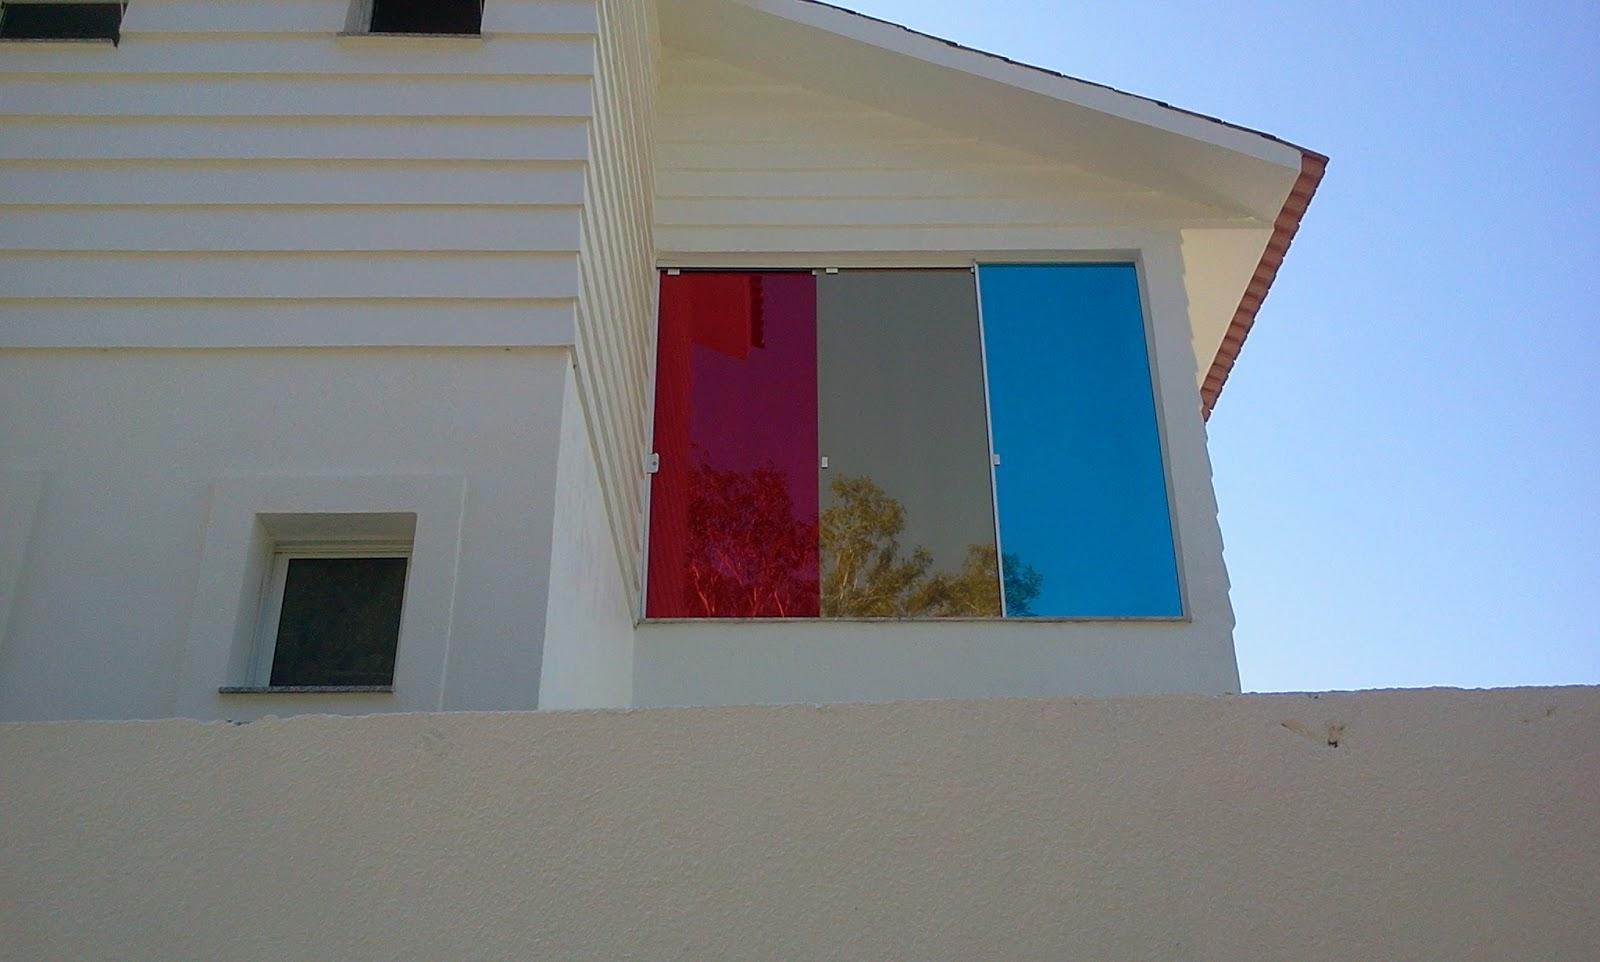 #0766C4 Construindo Minha Casa Clean: Película Residencial 1594 Vidros Ou Janelas Eletrocrômicos